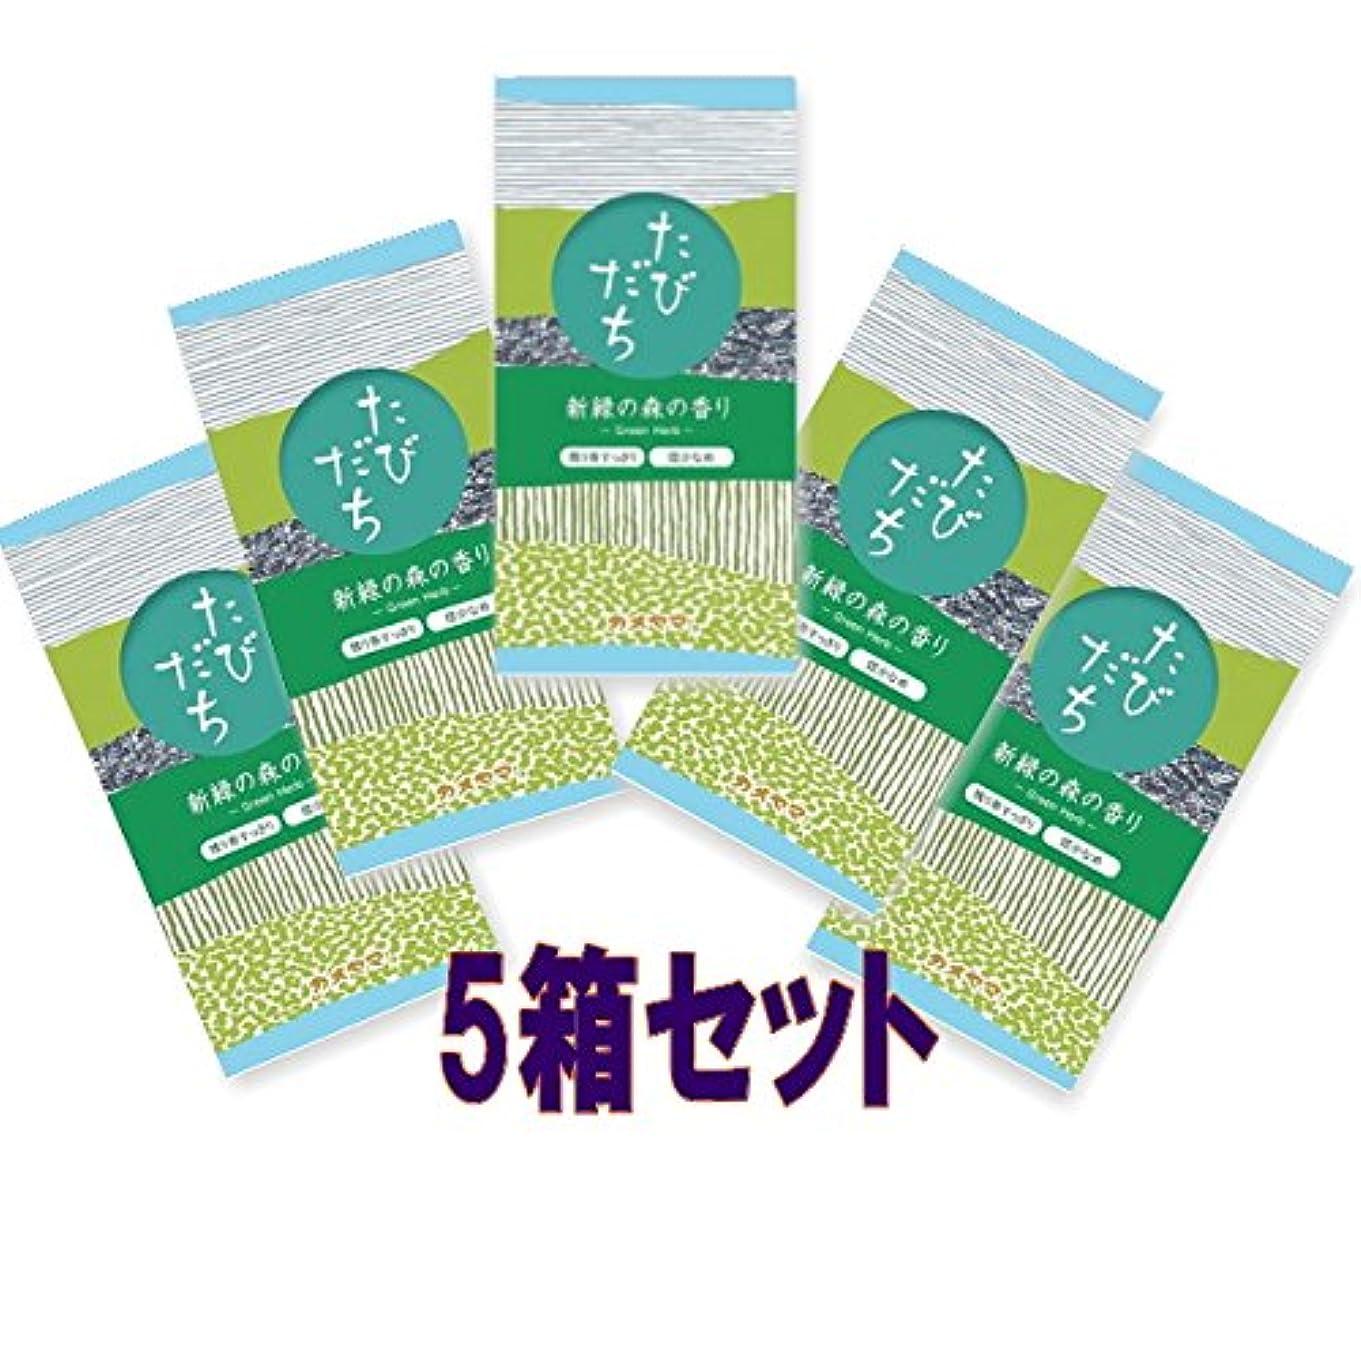 アラート立場飲み込むまとめ買 たびだち 新緑の森の香り 5箱セット カメヤマ